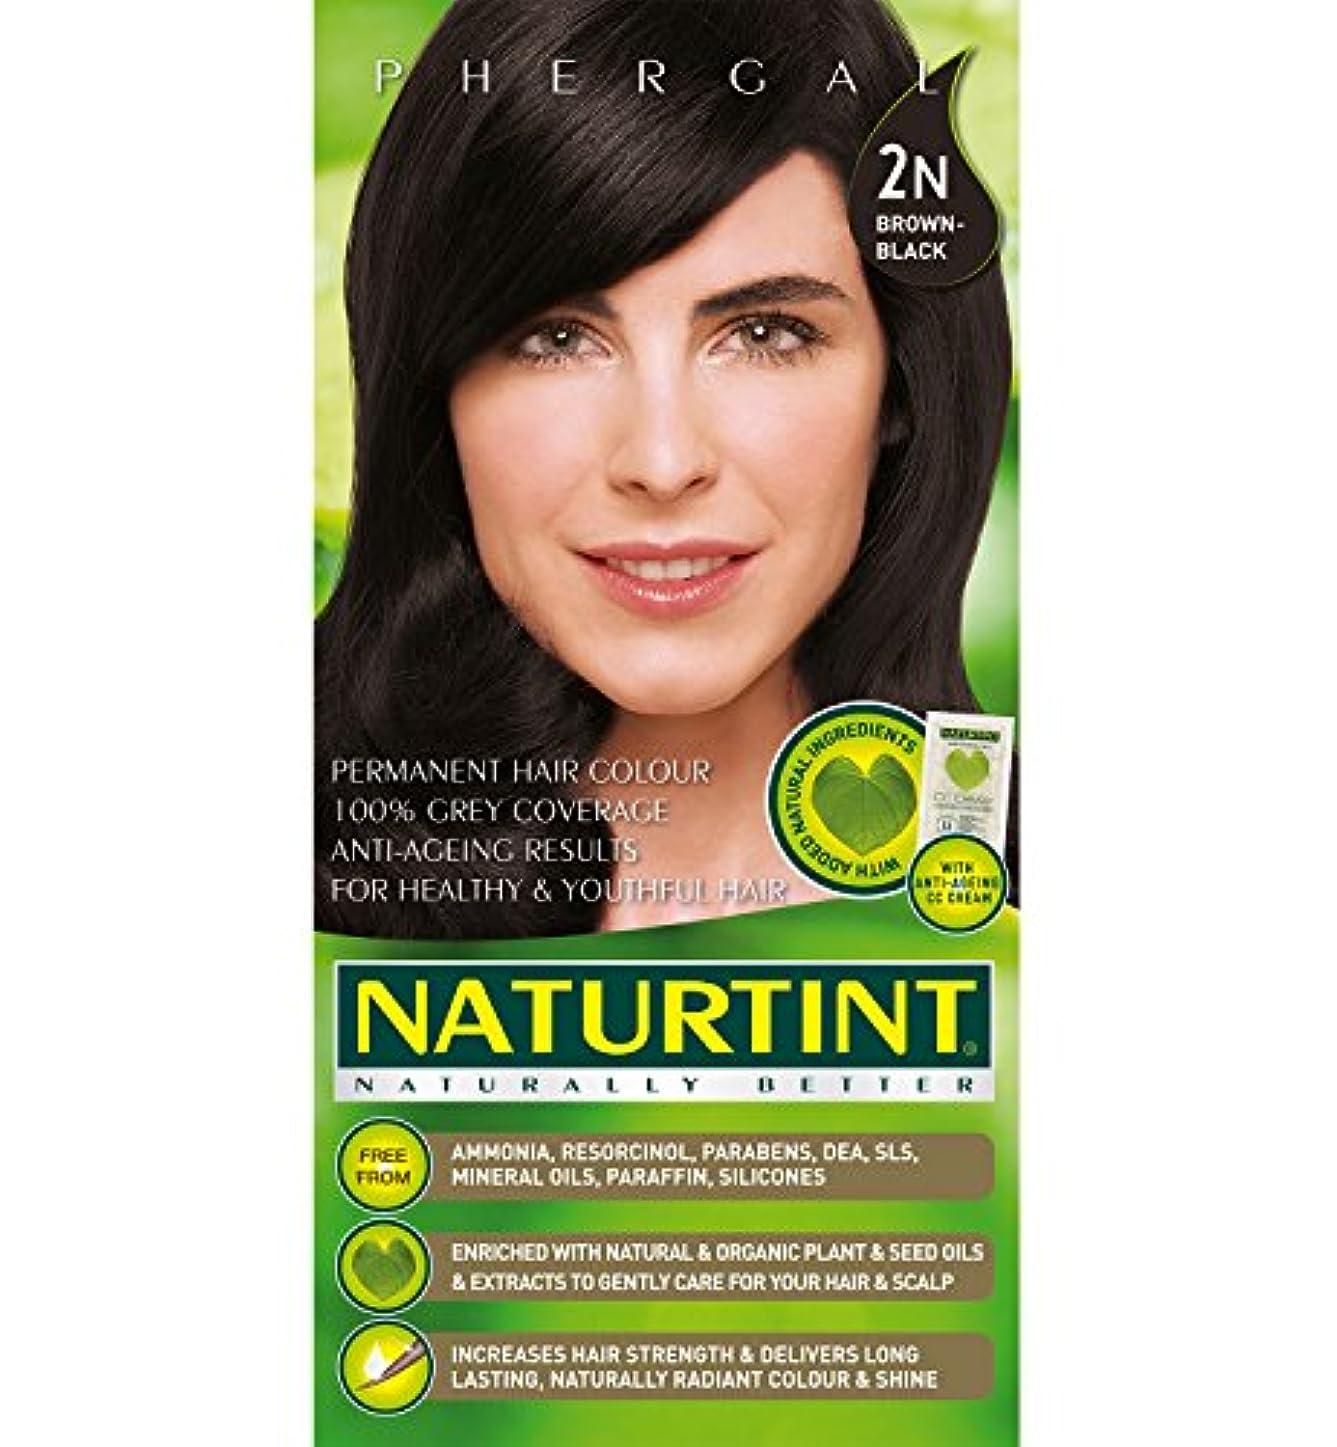 タイピスト疑問を超えて着陸Naturtint Hair Color 2N Brown Black Permanent (並行輸入品)